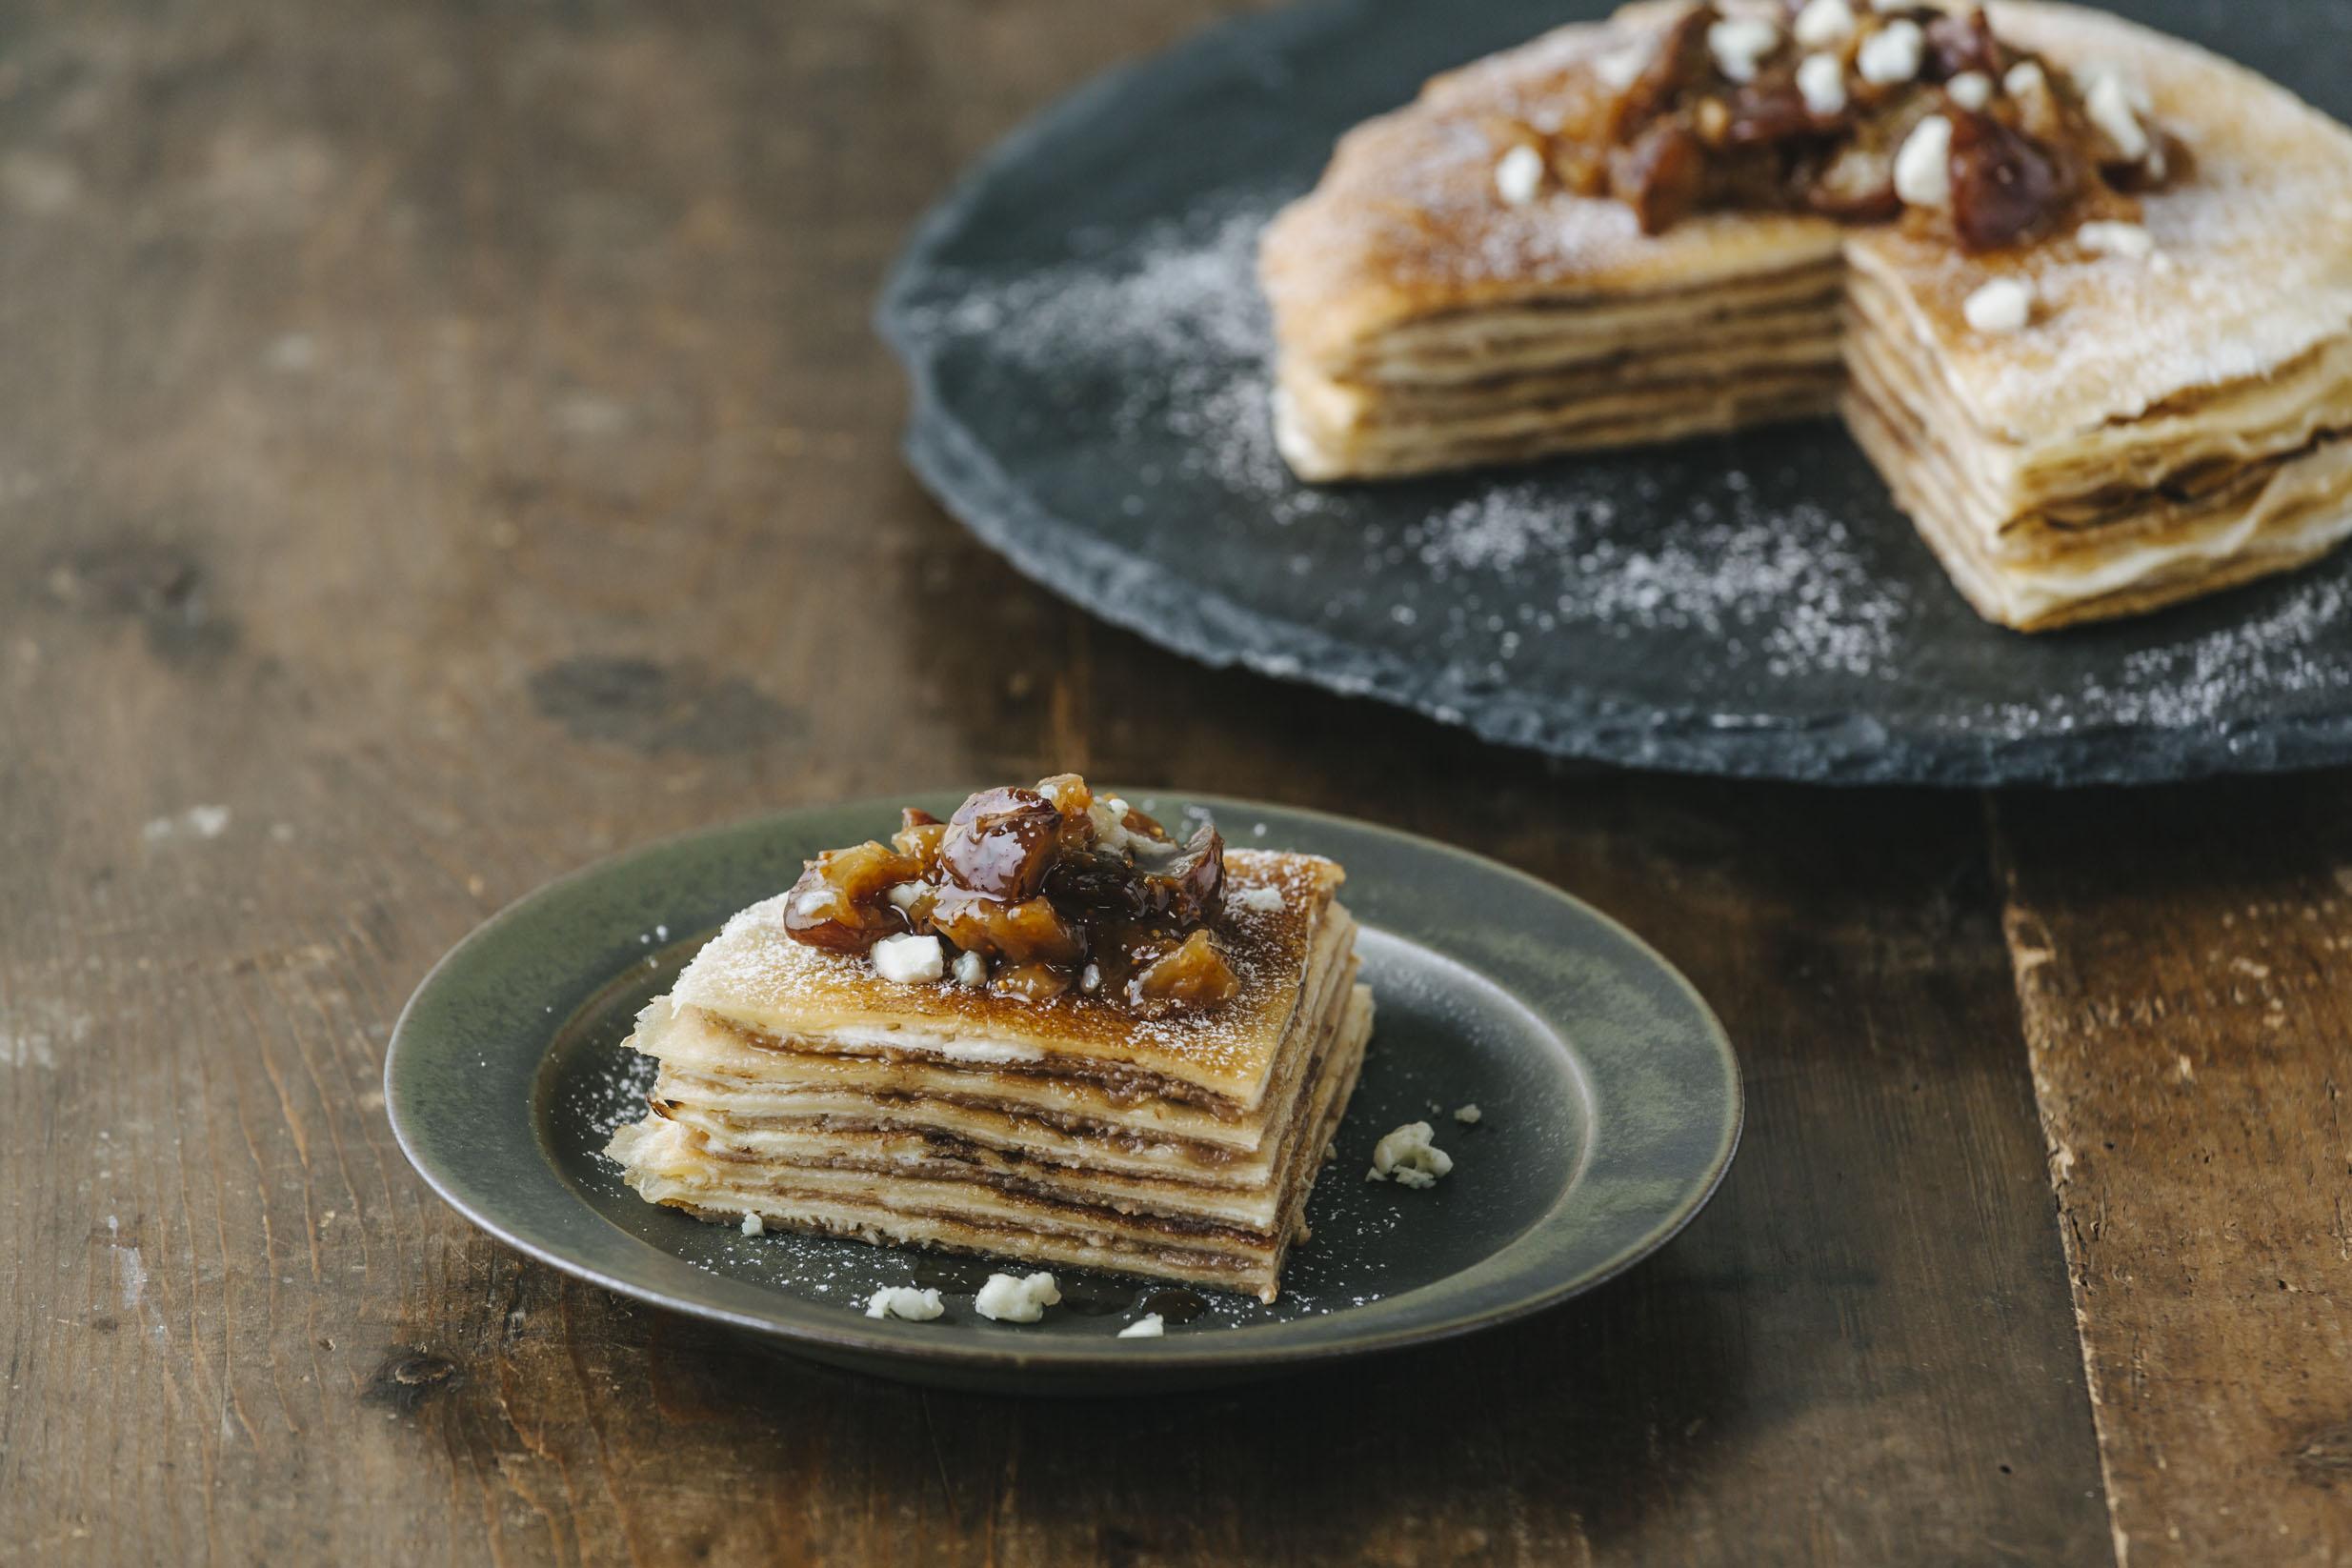 『J.S.PANCAKE CAFE(ジェーエスパンケーキカフェ)』のリッチなモンブランパンケーキ♡_2